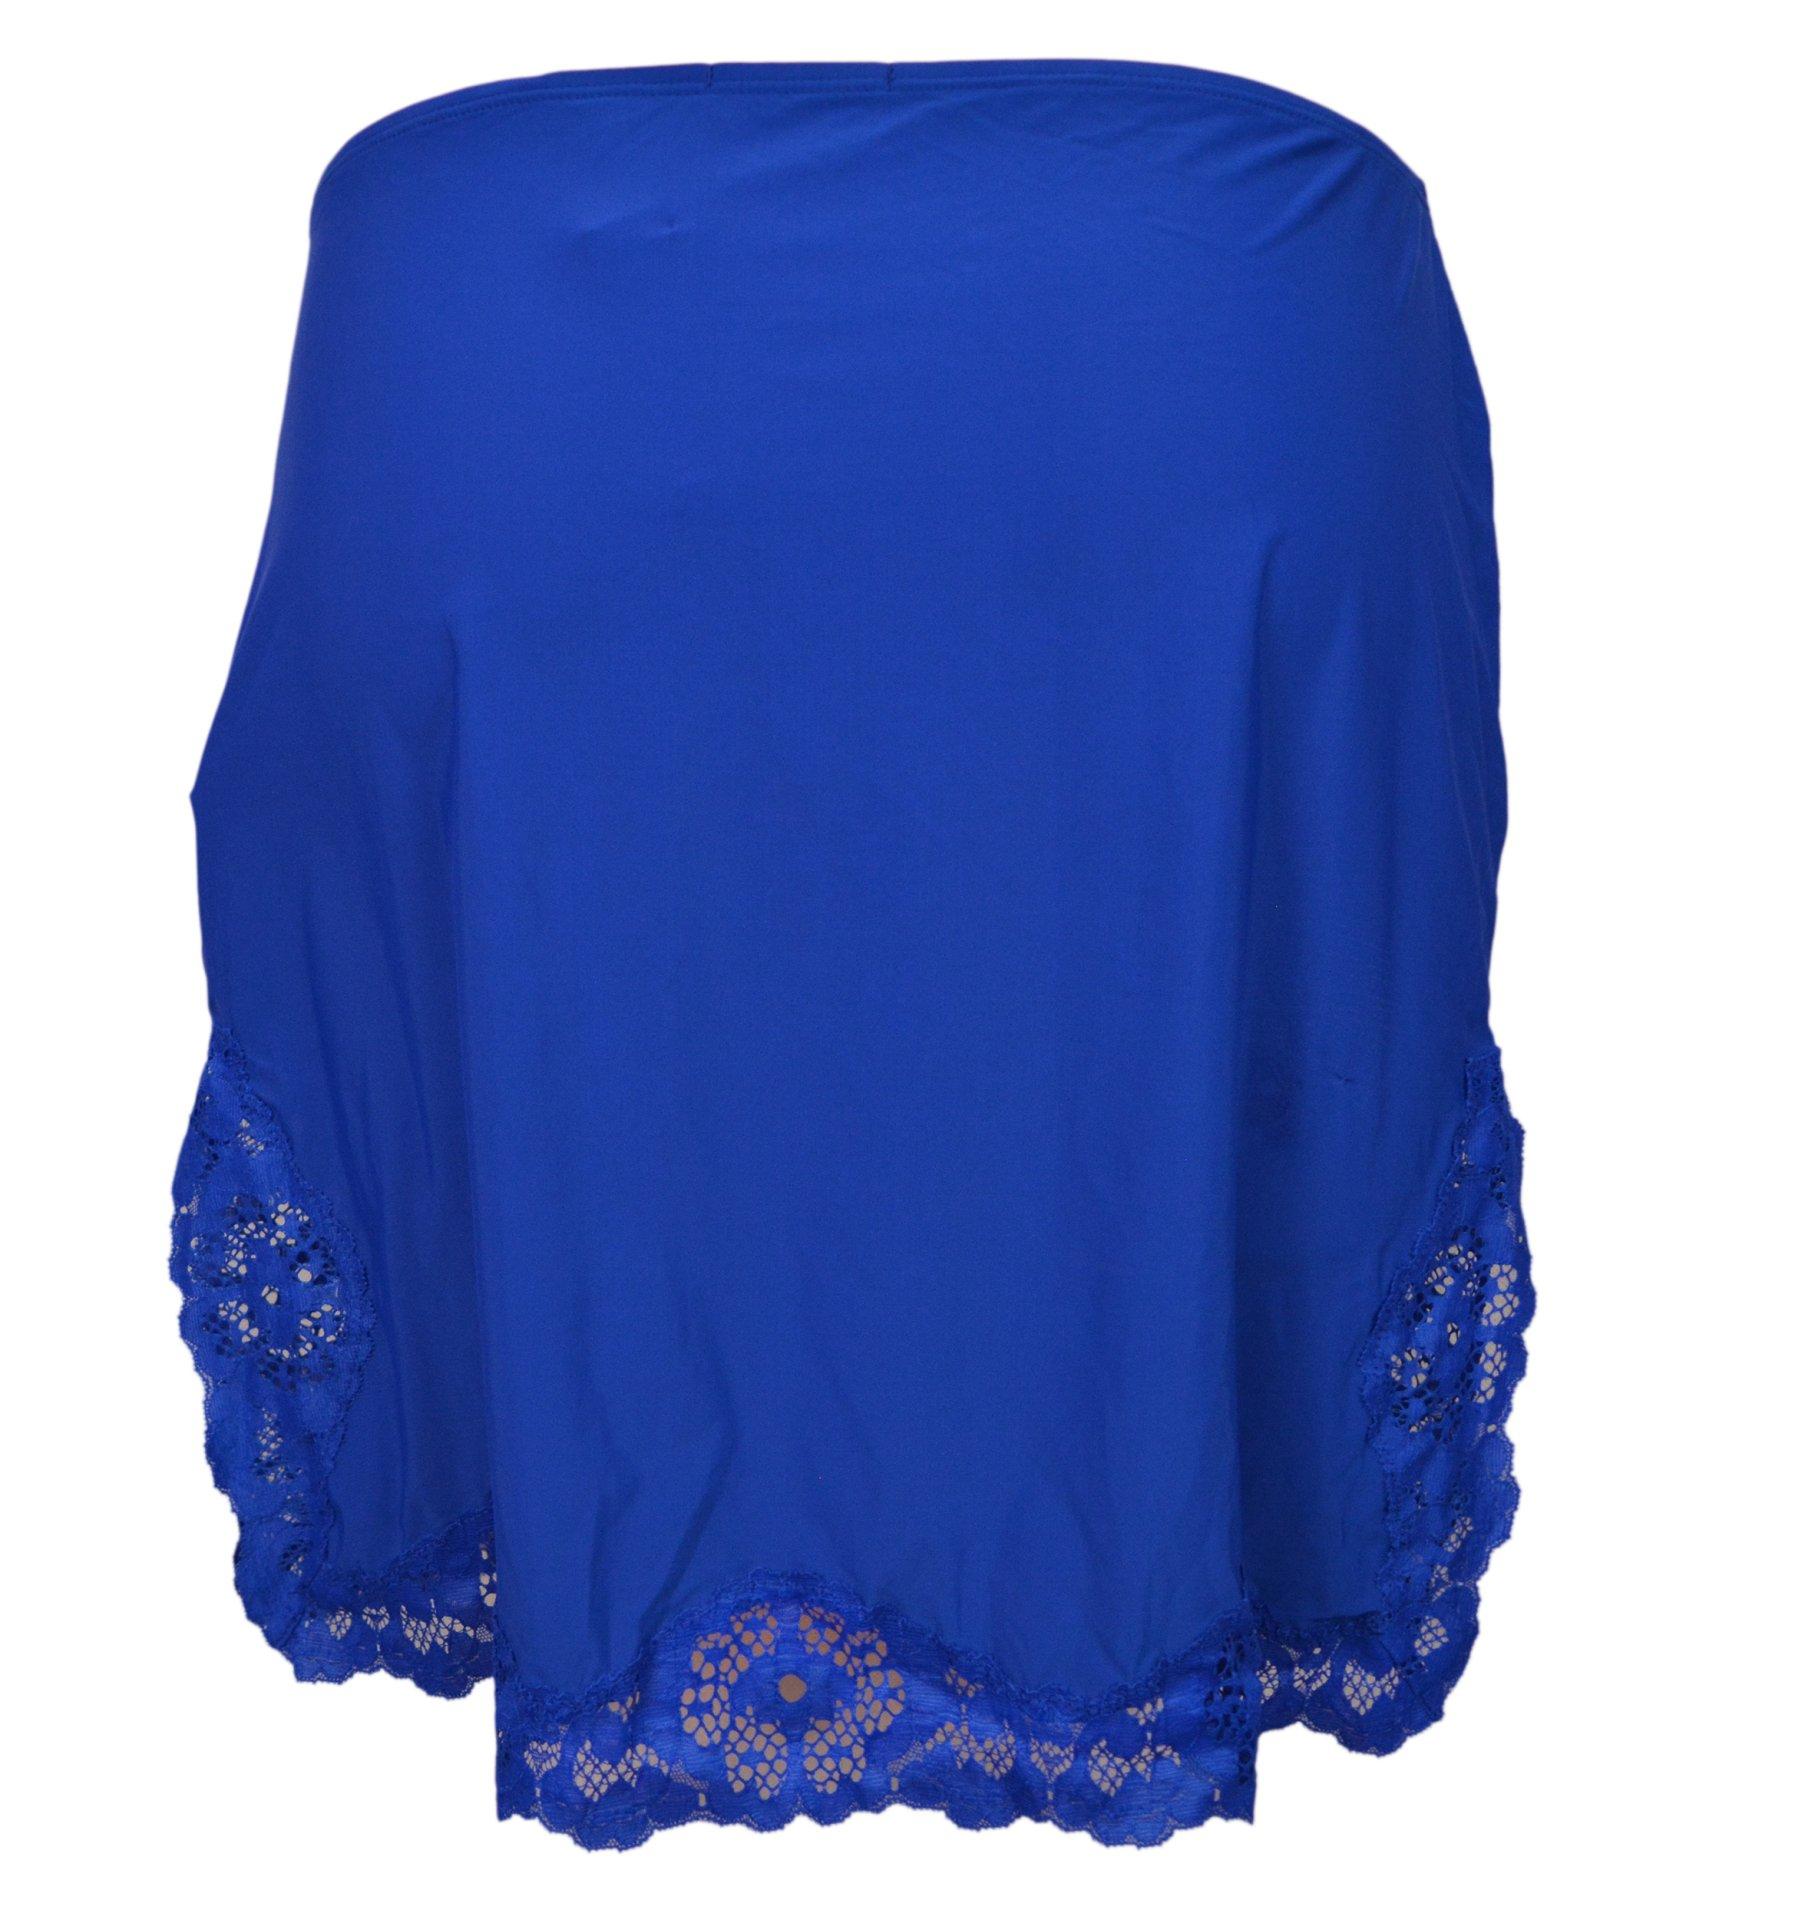 INTIMISSIMI halka półhalka spódnica niebieska S/M